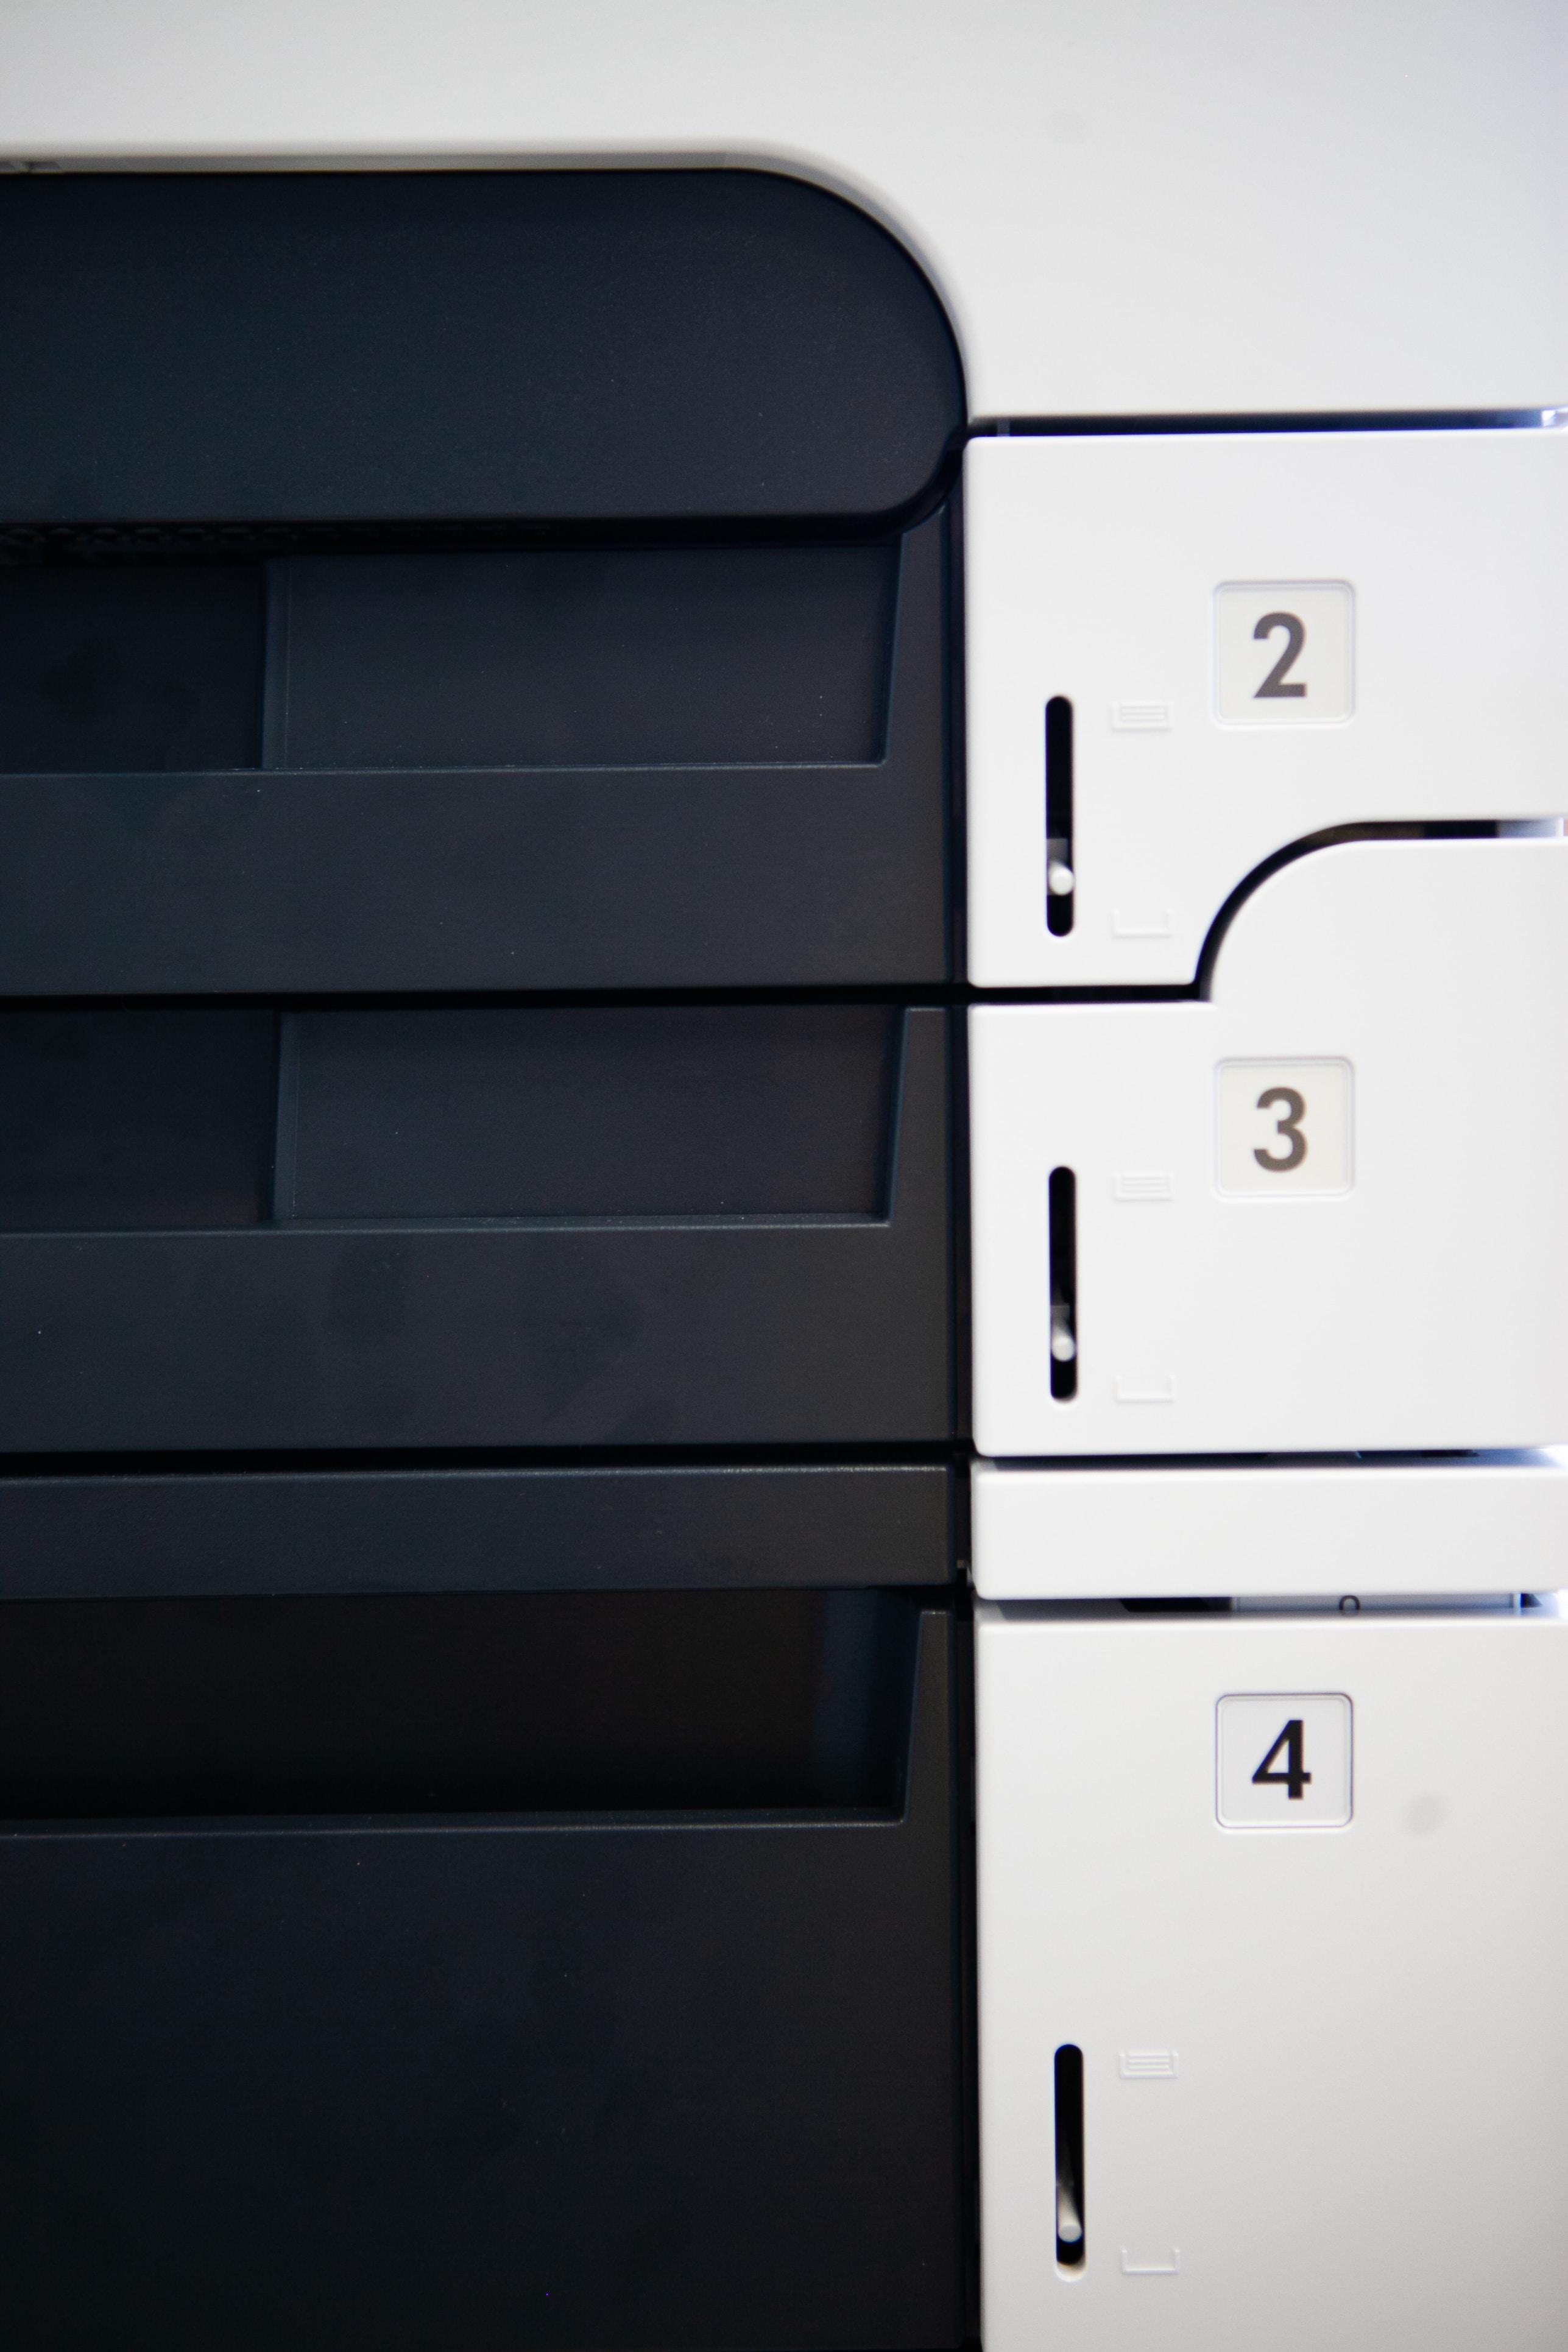 Use a Xerox printer on Ubuntu